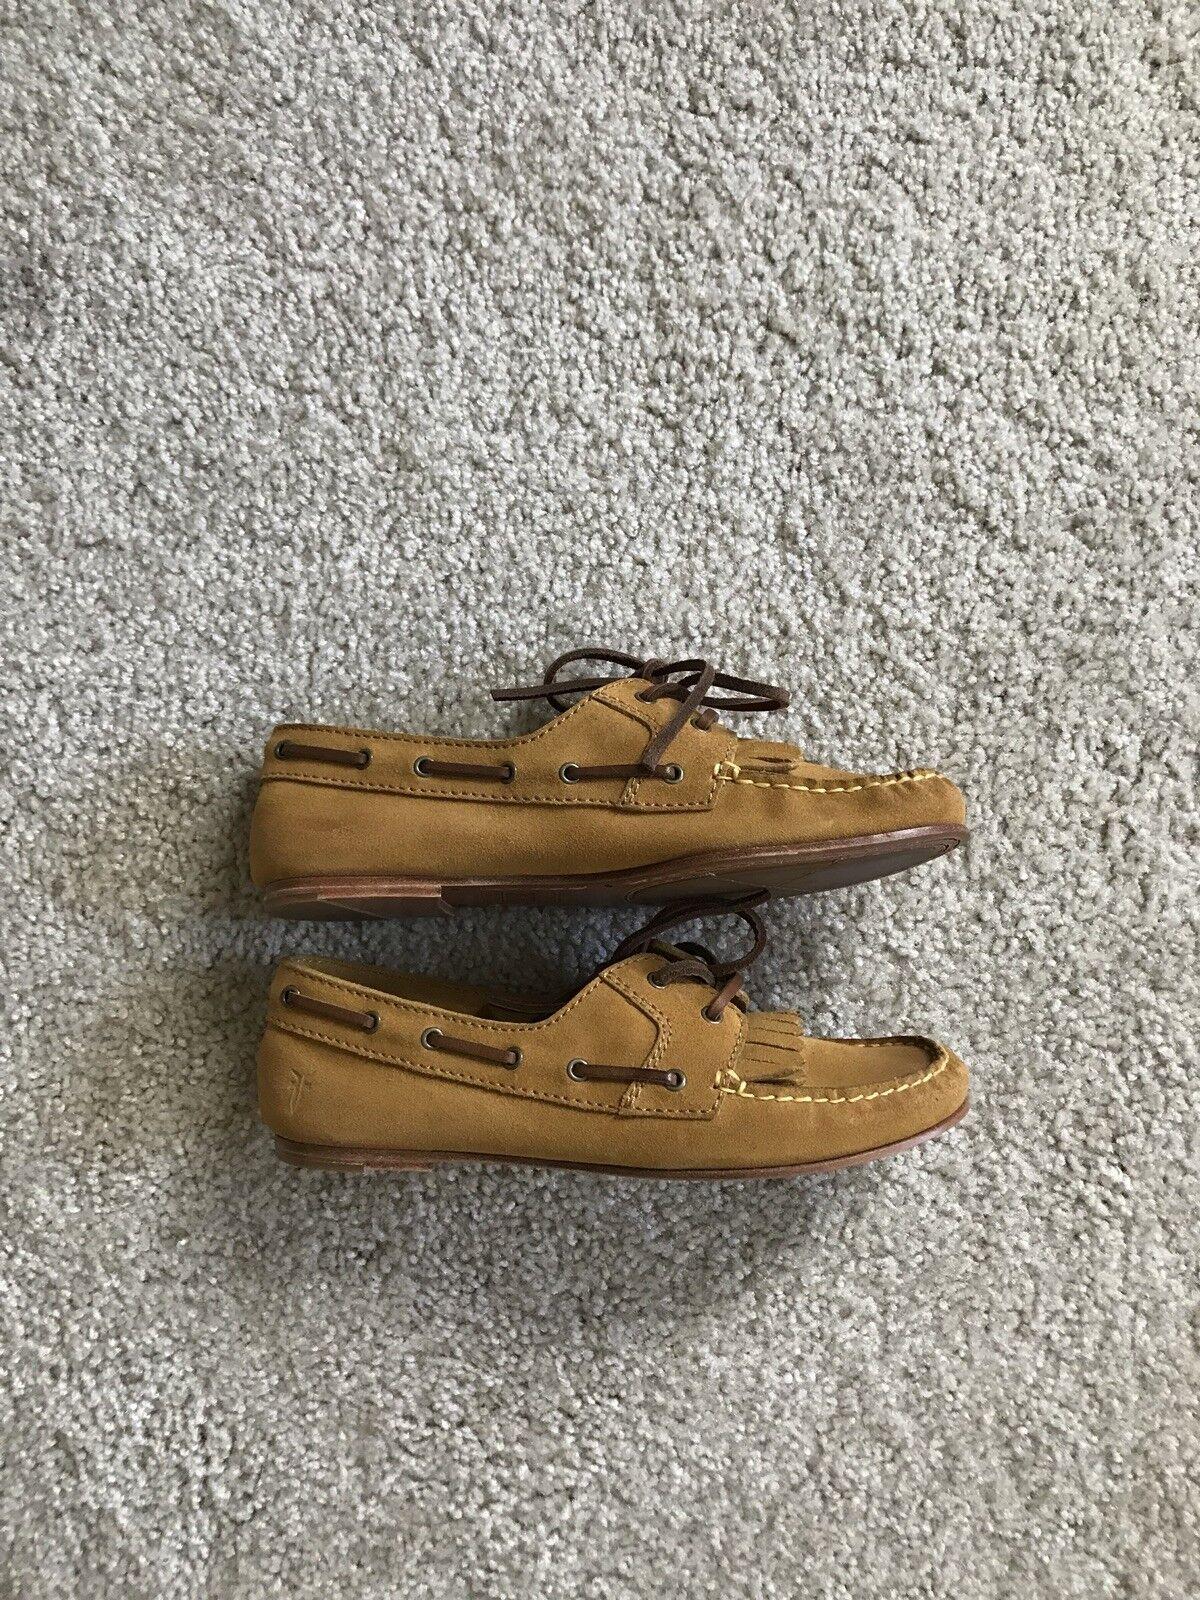 Frye Women Women Women Mustard Yellow Suede Loafers, Size 7 c5bc73